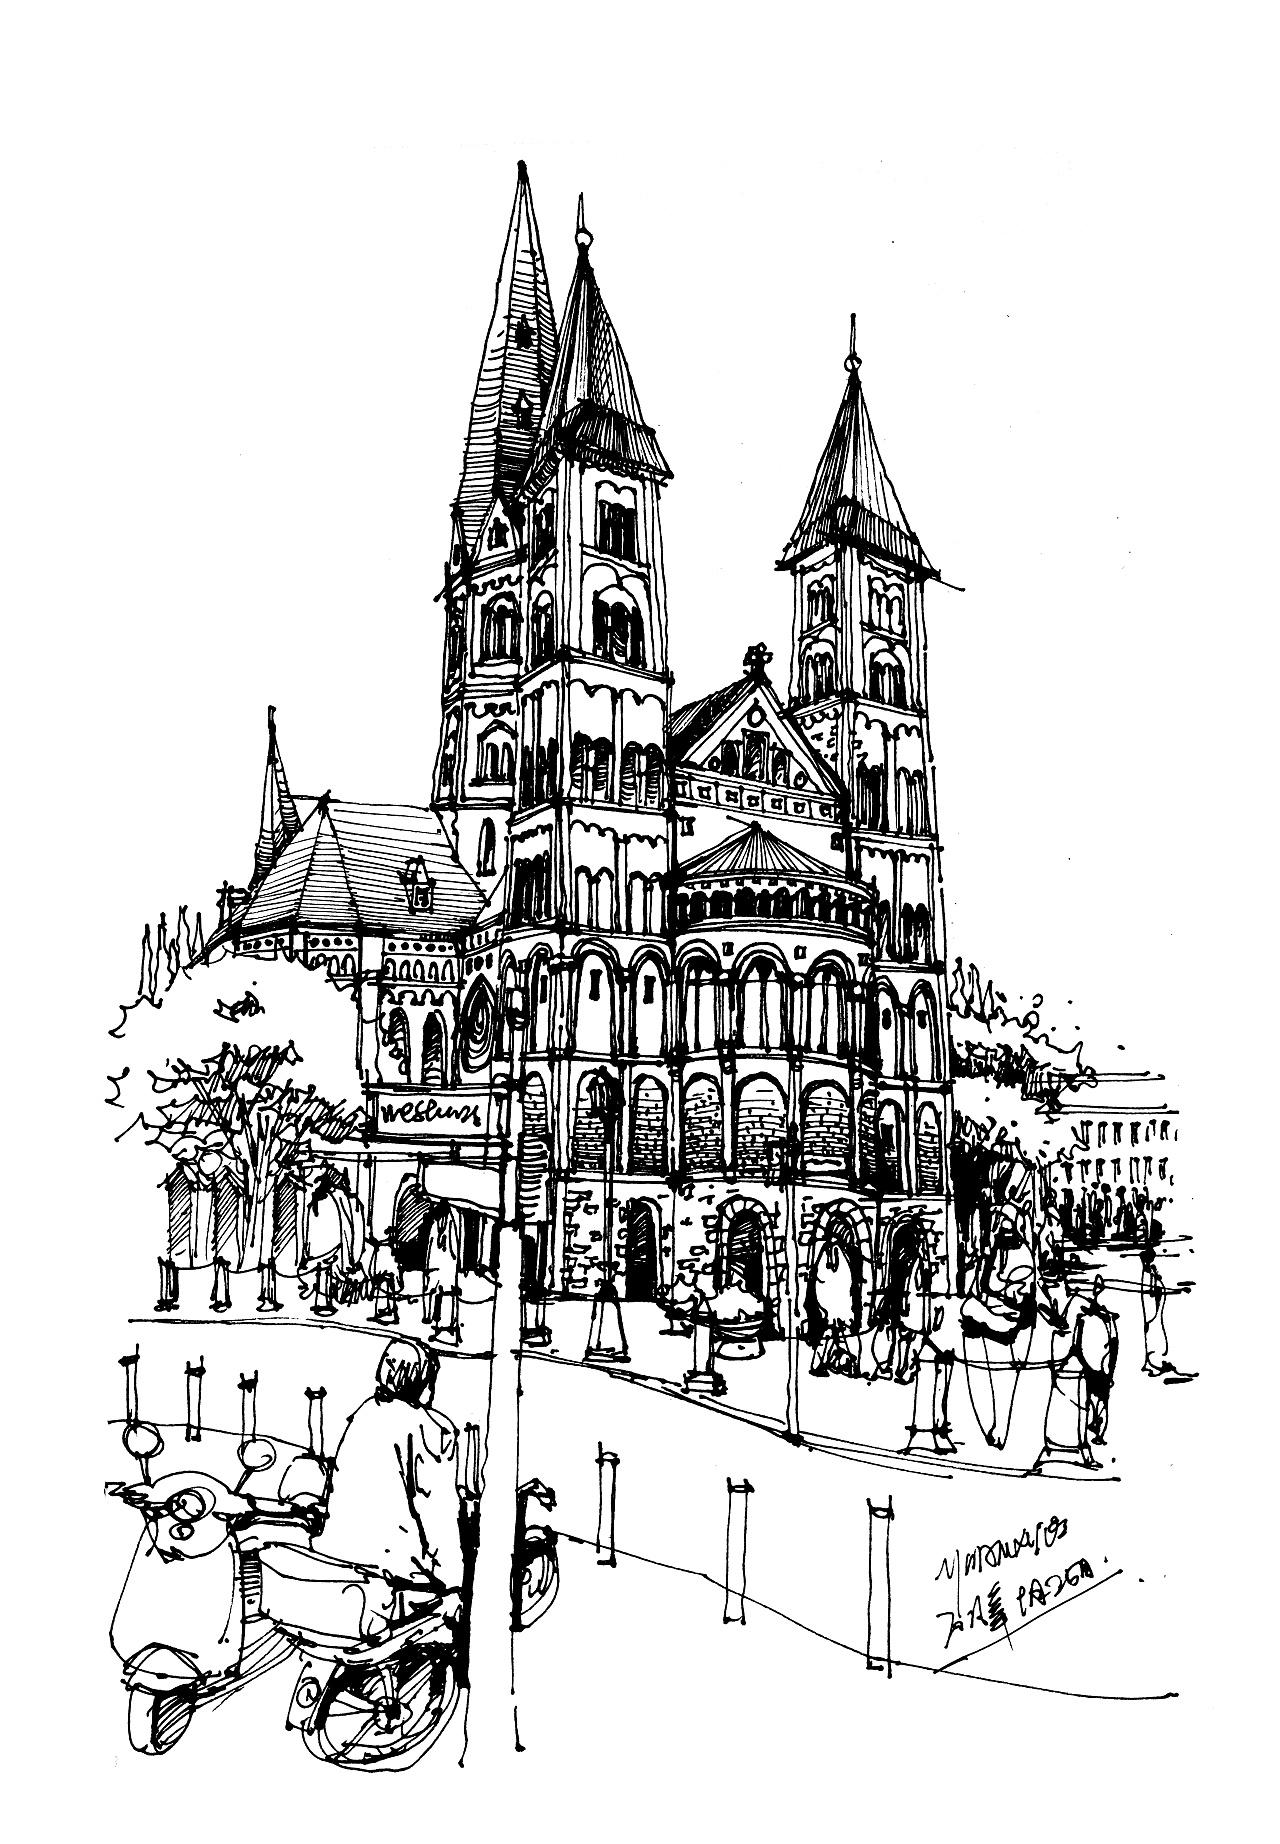 发一波近期钢笔手绘建筑作品